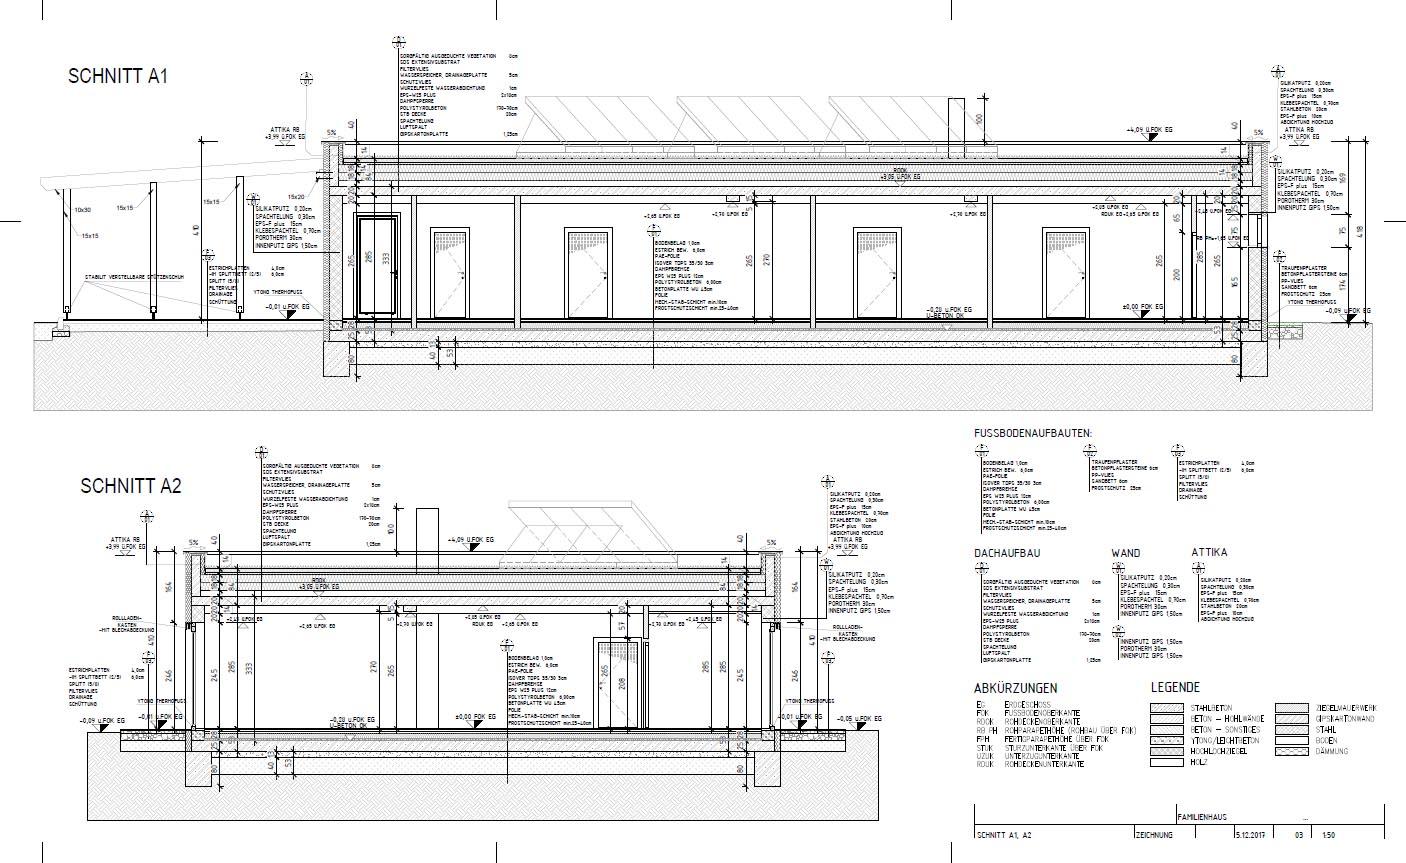 schnitt zeichnen architektur screenjpg wenn sie von auswhlen entspricht die detailtiefe den. Black Bedroom Furniture Sets. Home Design Ideas